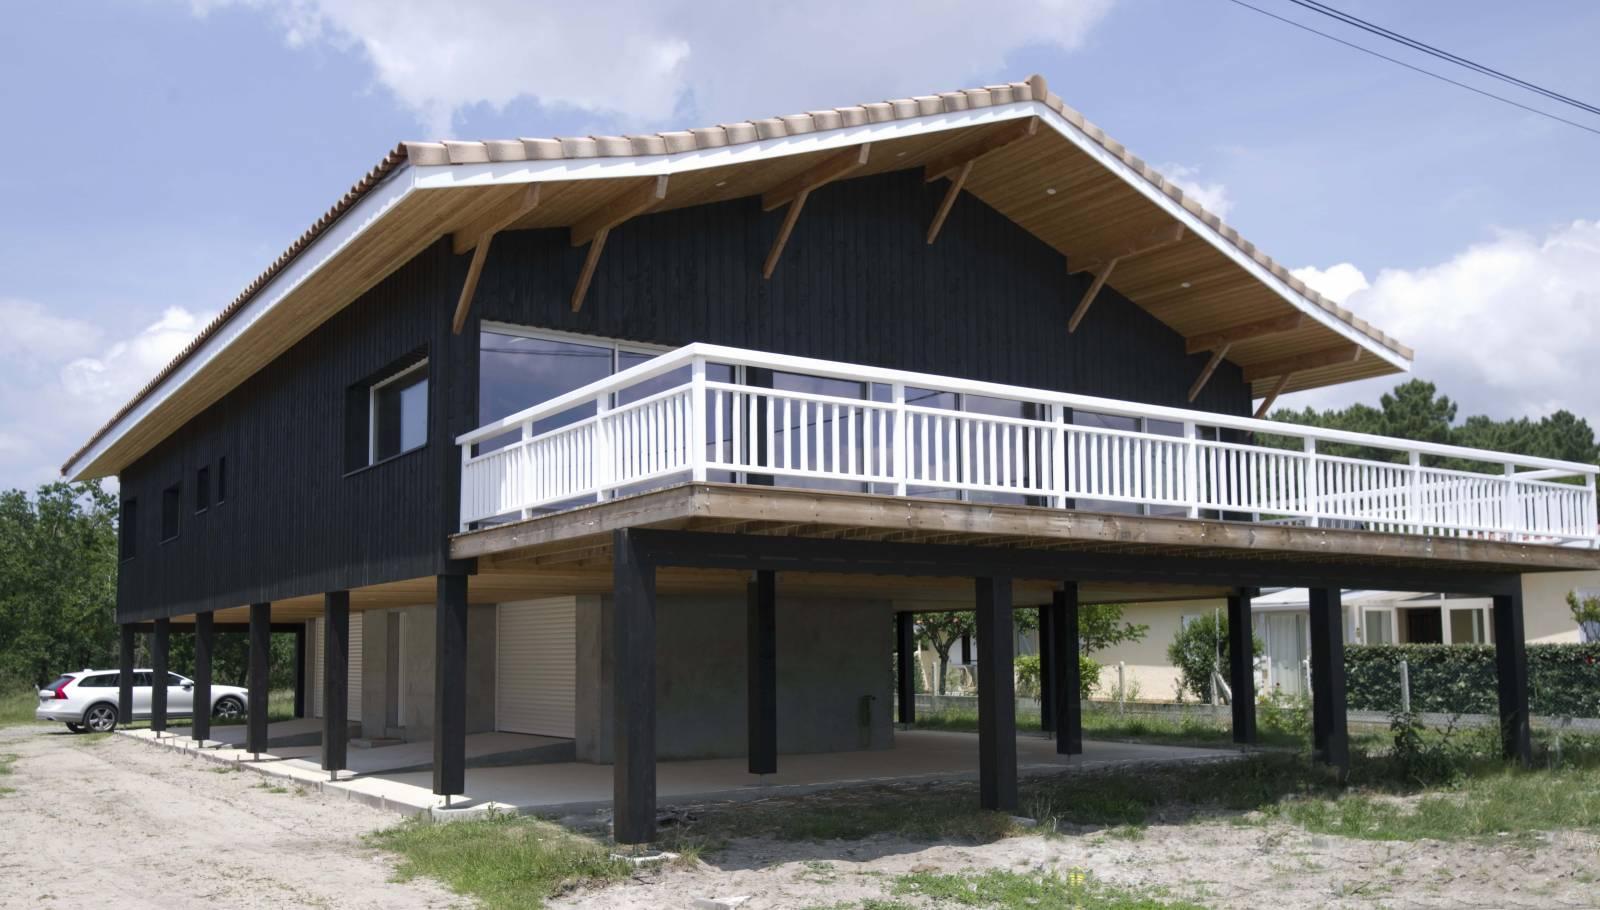 Maison Tchanquee Bassin D Arcachon Architecte Bordeaux Denis